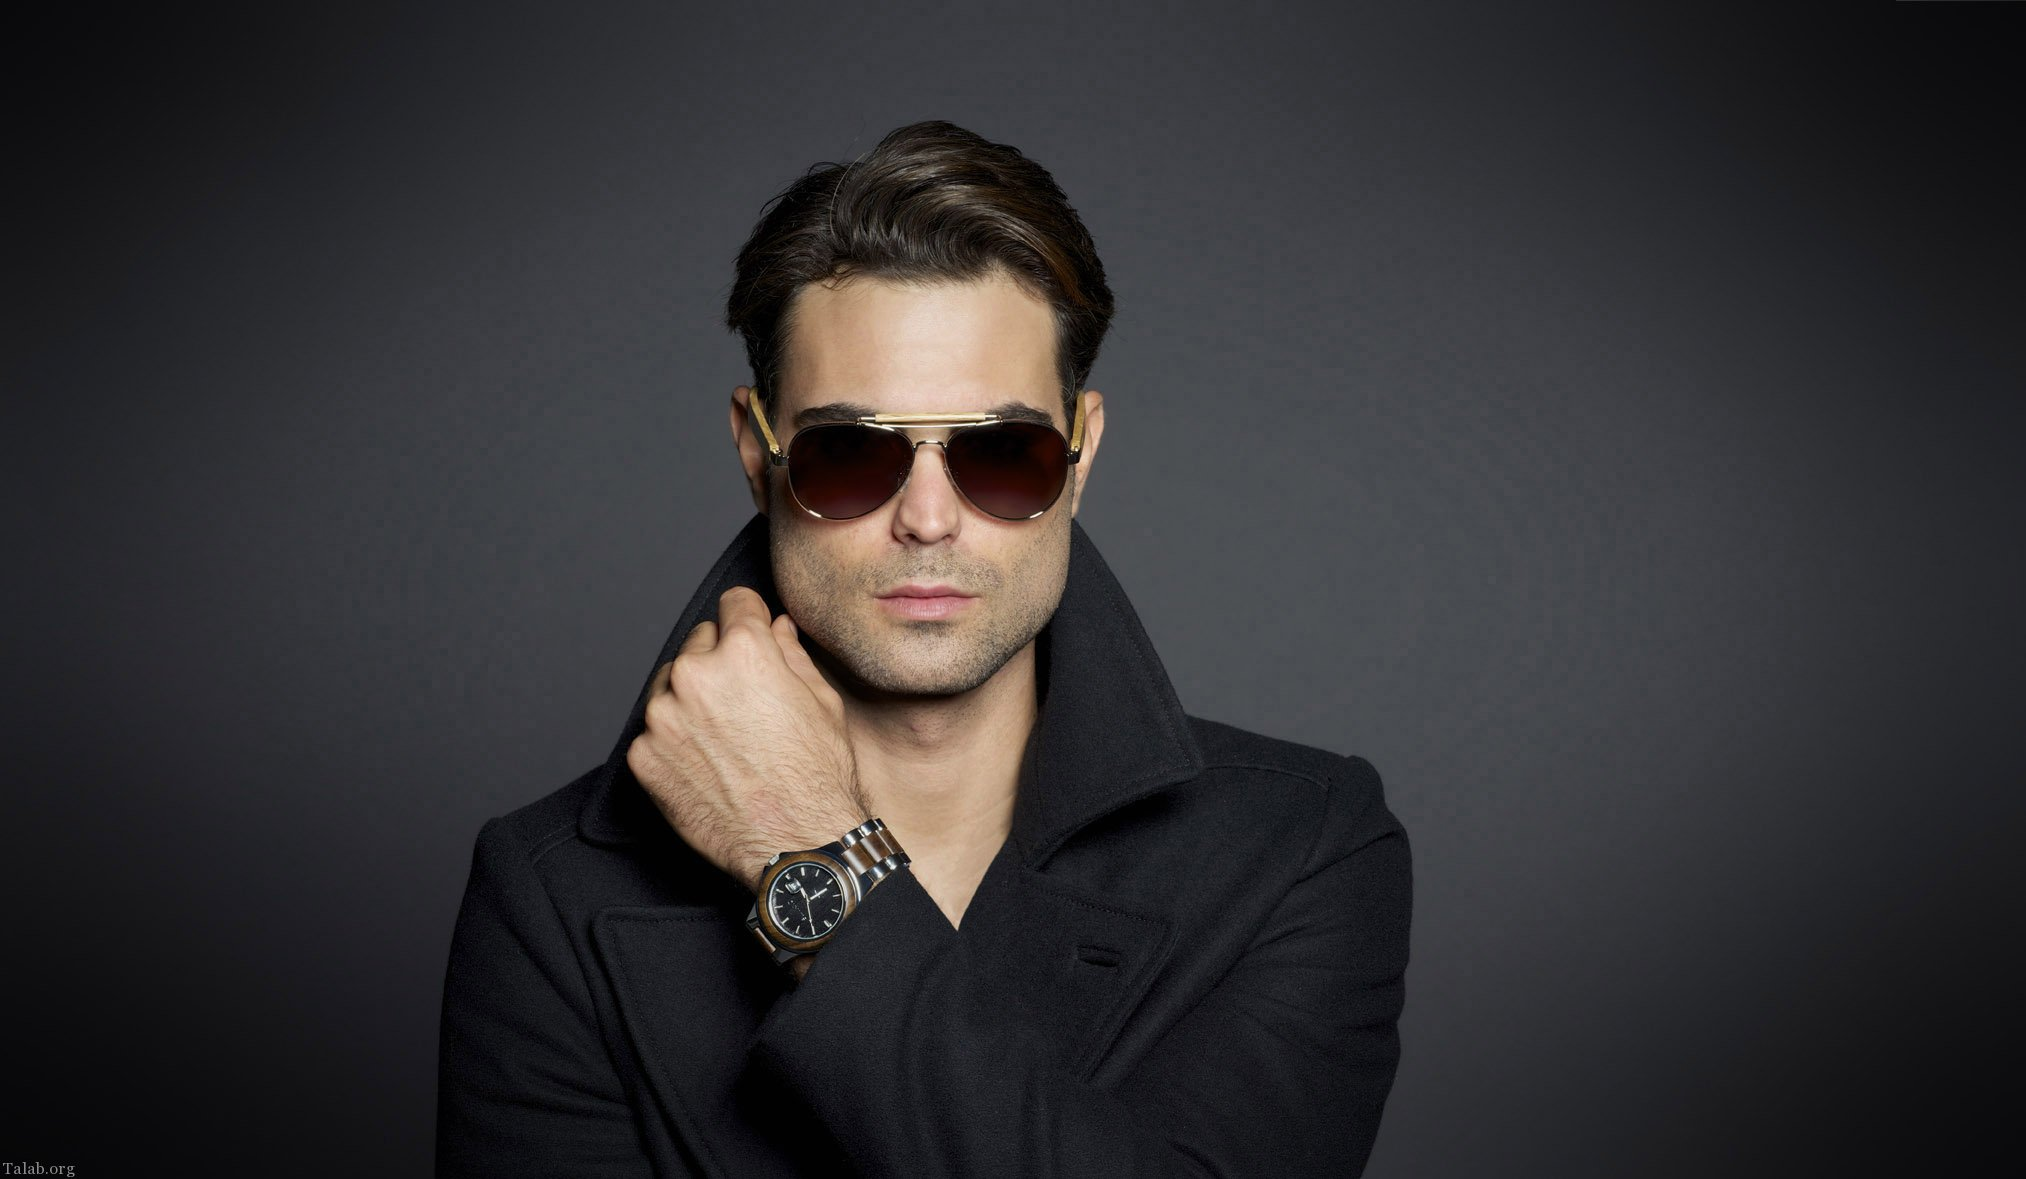 عینک آفتابی زنانه و مردانه جدید 99   عینک های آفتابی و دودی زنانه؛ مردانه 2020